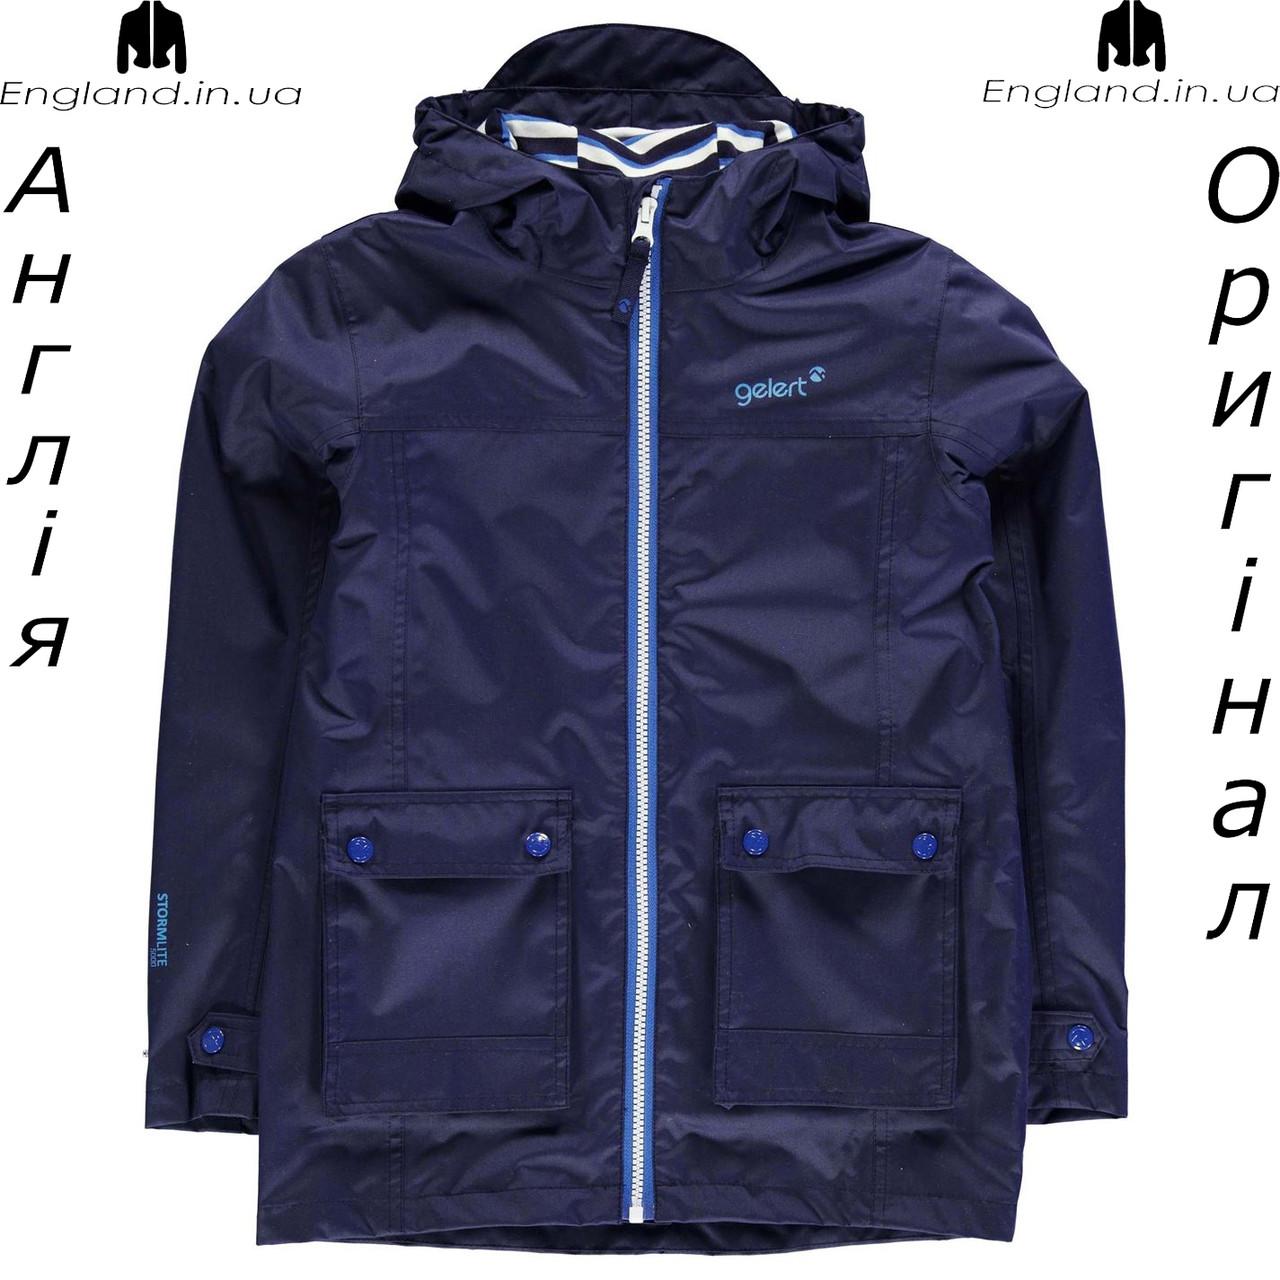 Куртка Gelert из Англии для мальчиков 2-14 лет - водонепроницаемая синяя